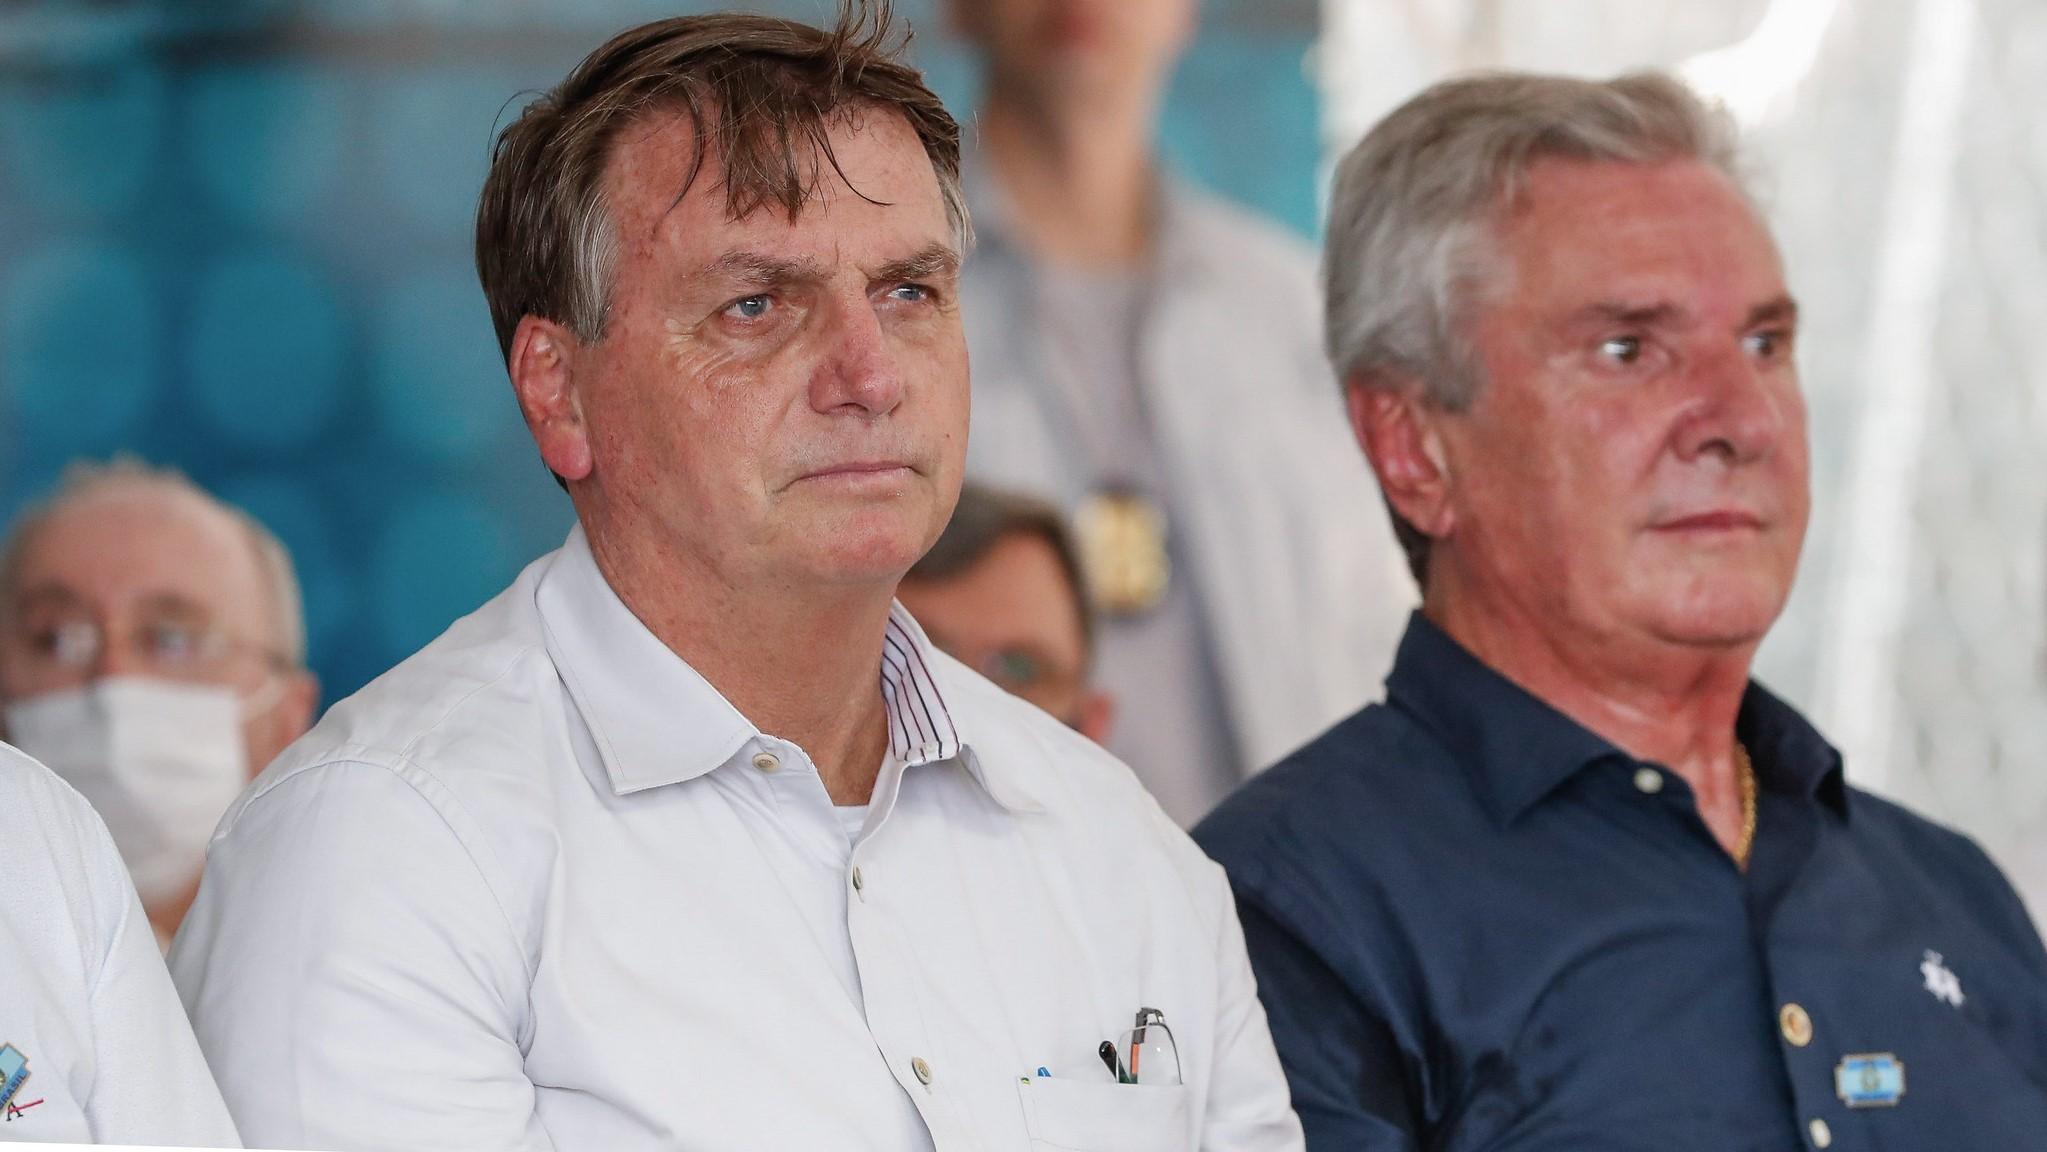 IMAGEM: Os conselhos de Fernando Collor a Jair Bolsonaro